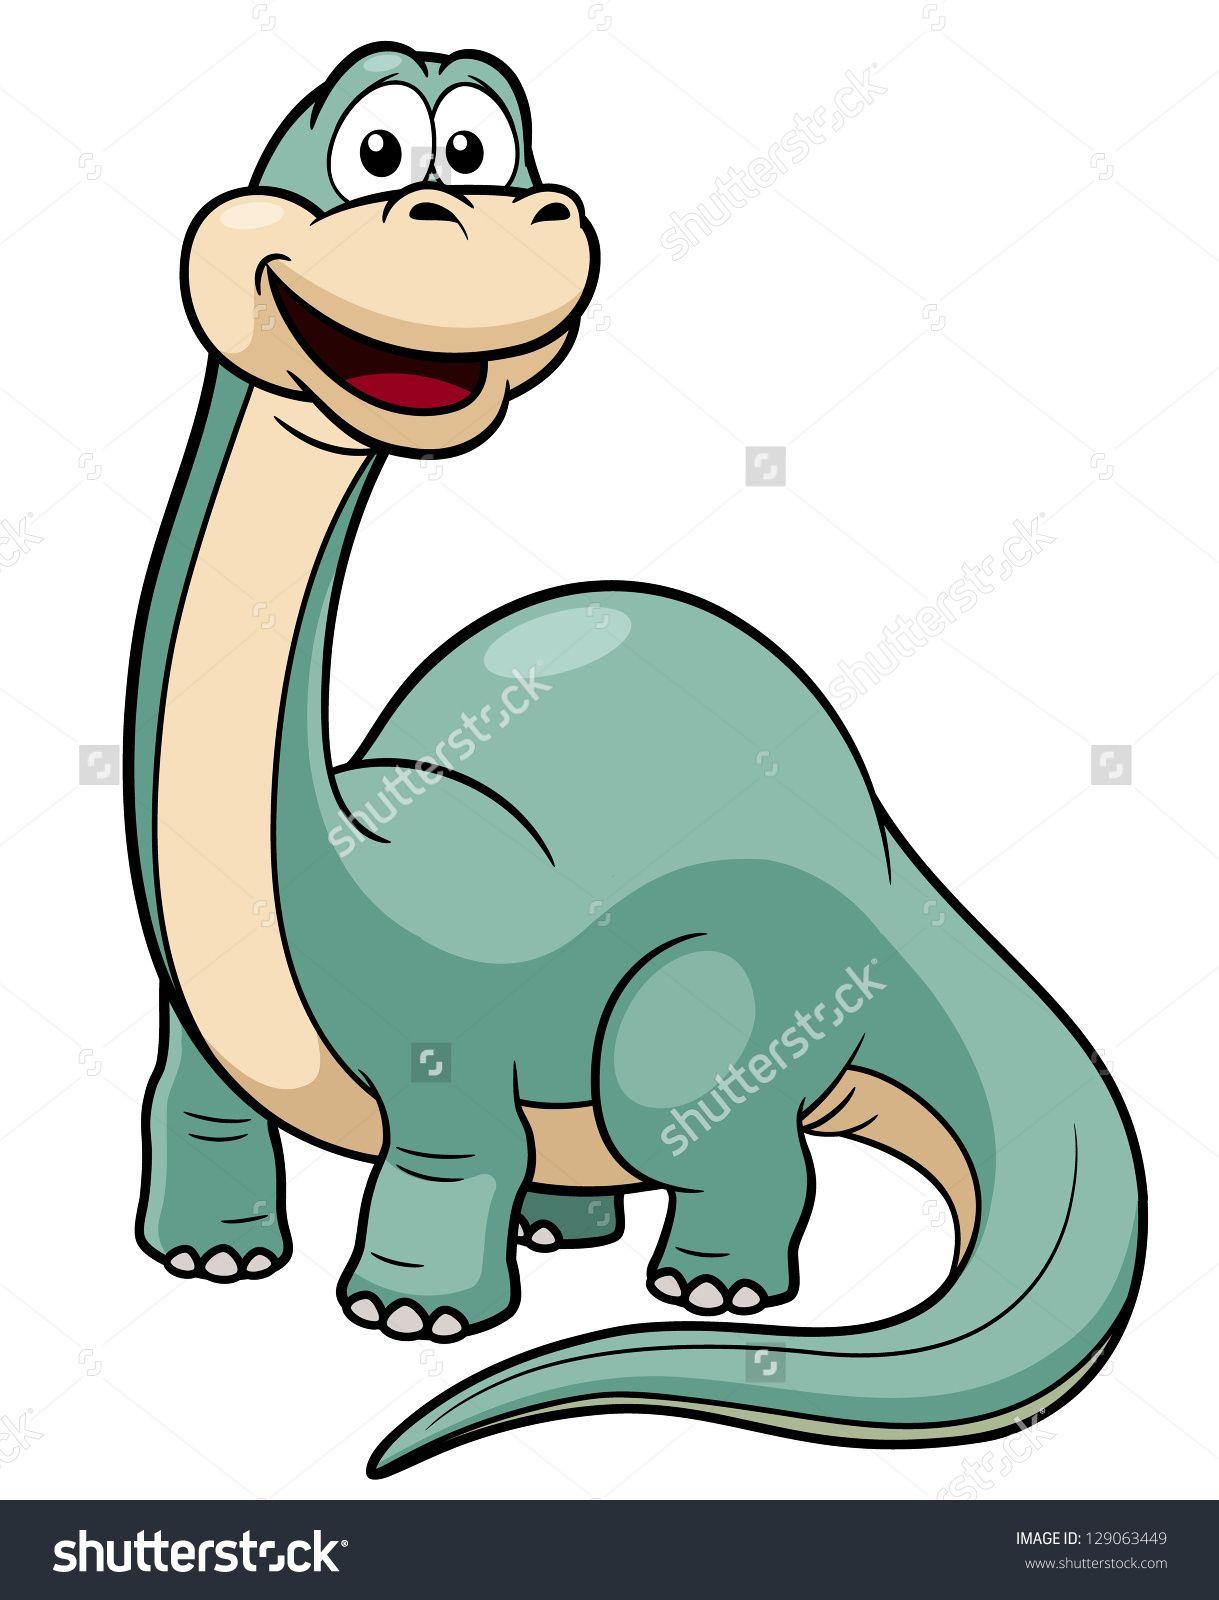 Illustration Of Cartoon Dinosaur Vector - 129063449 : Shutterstock ...